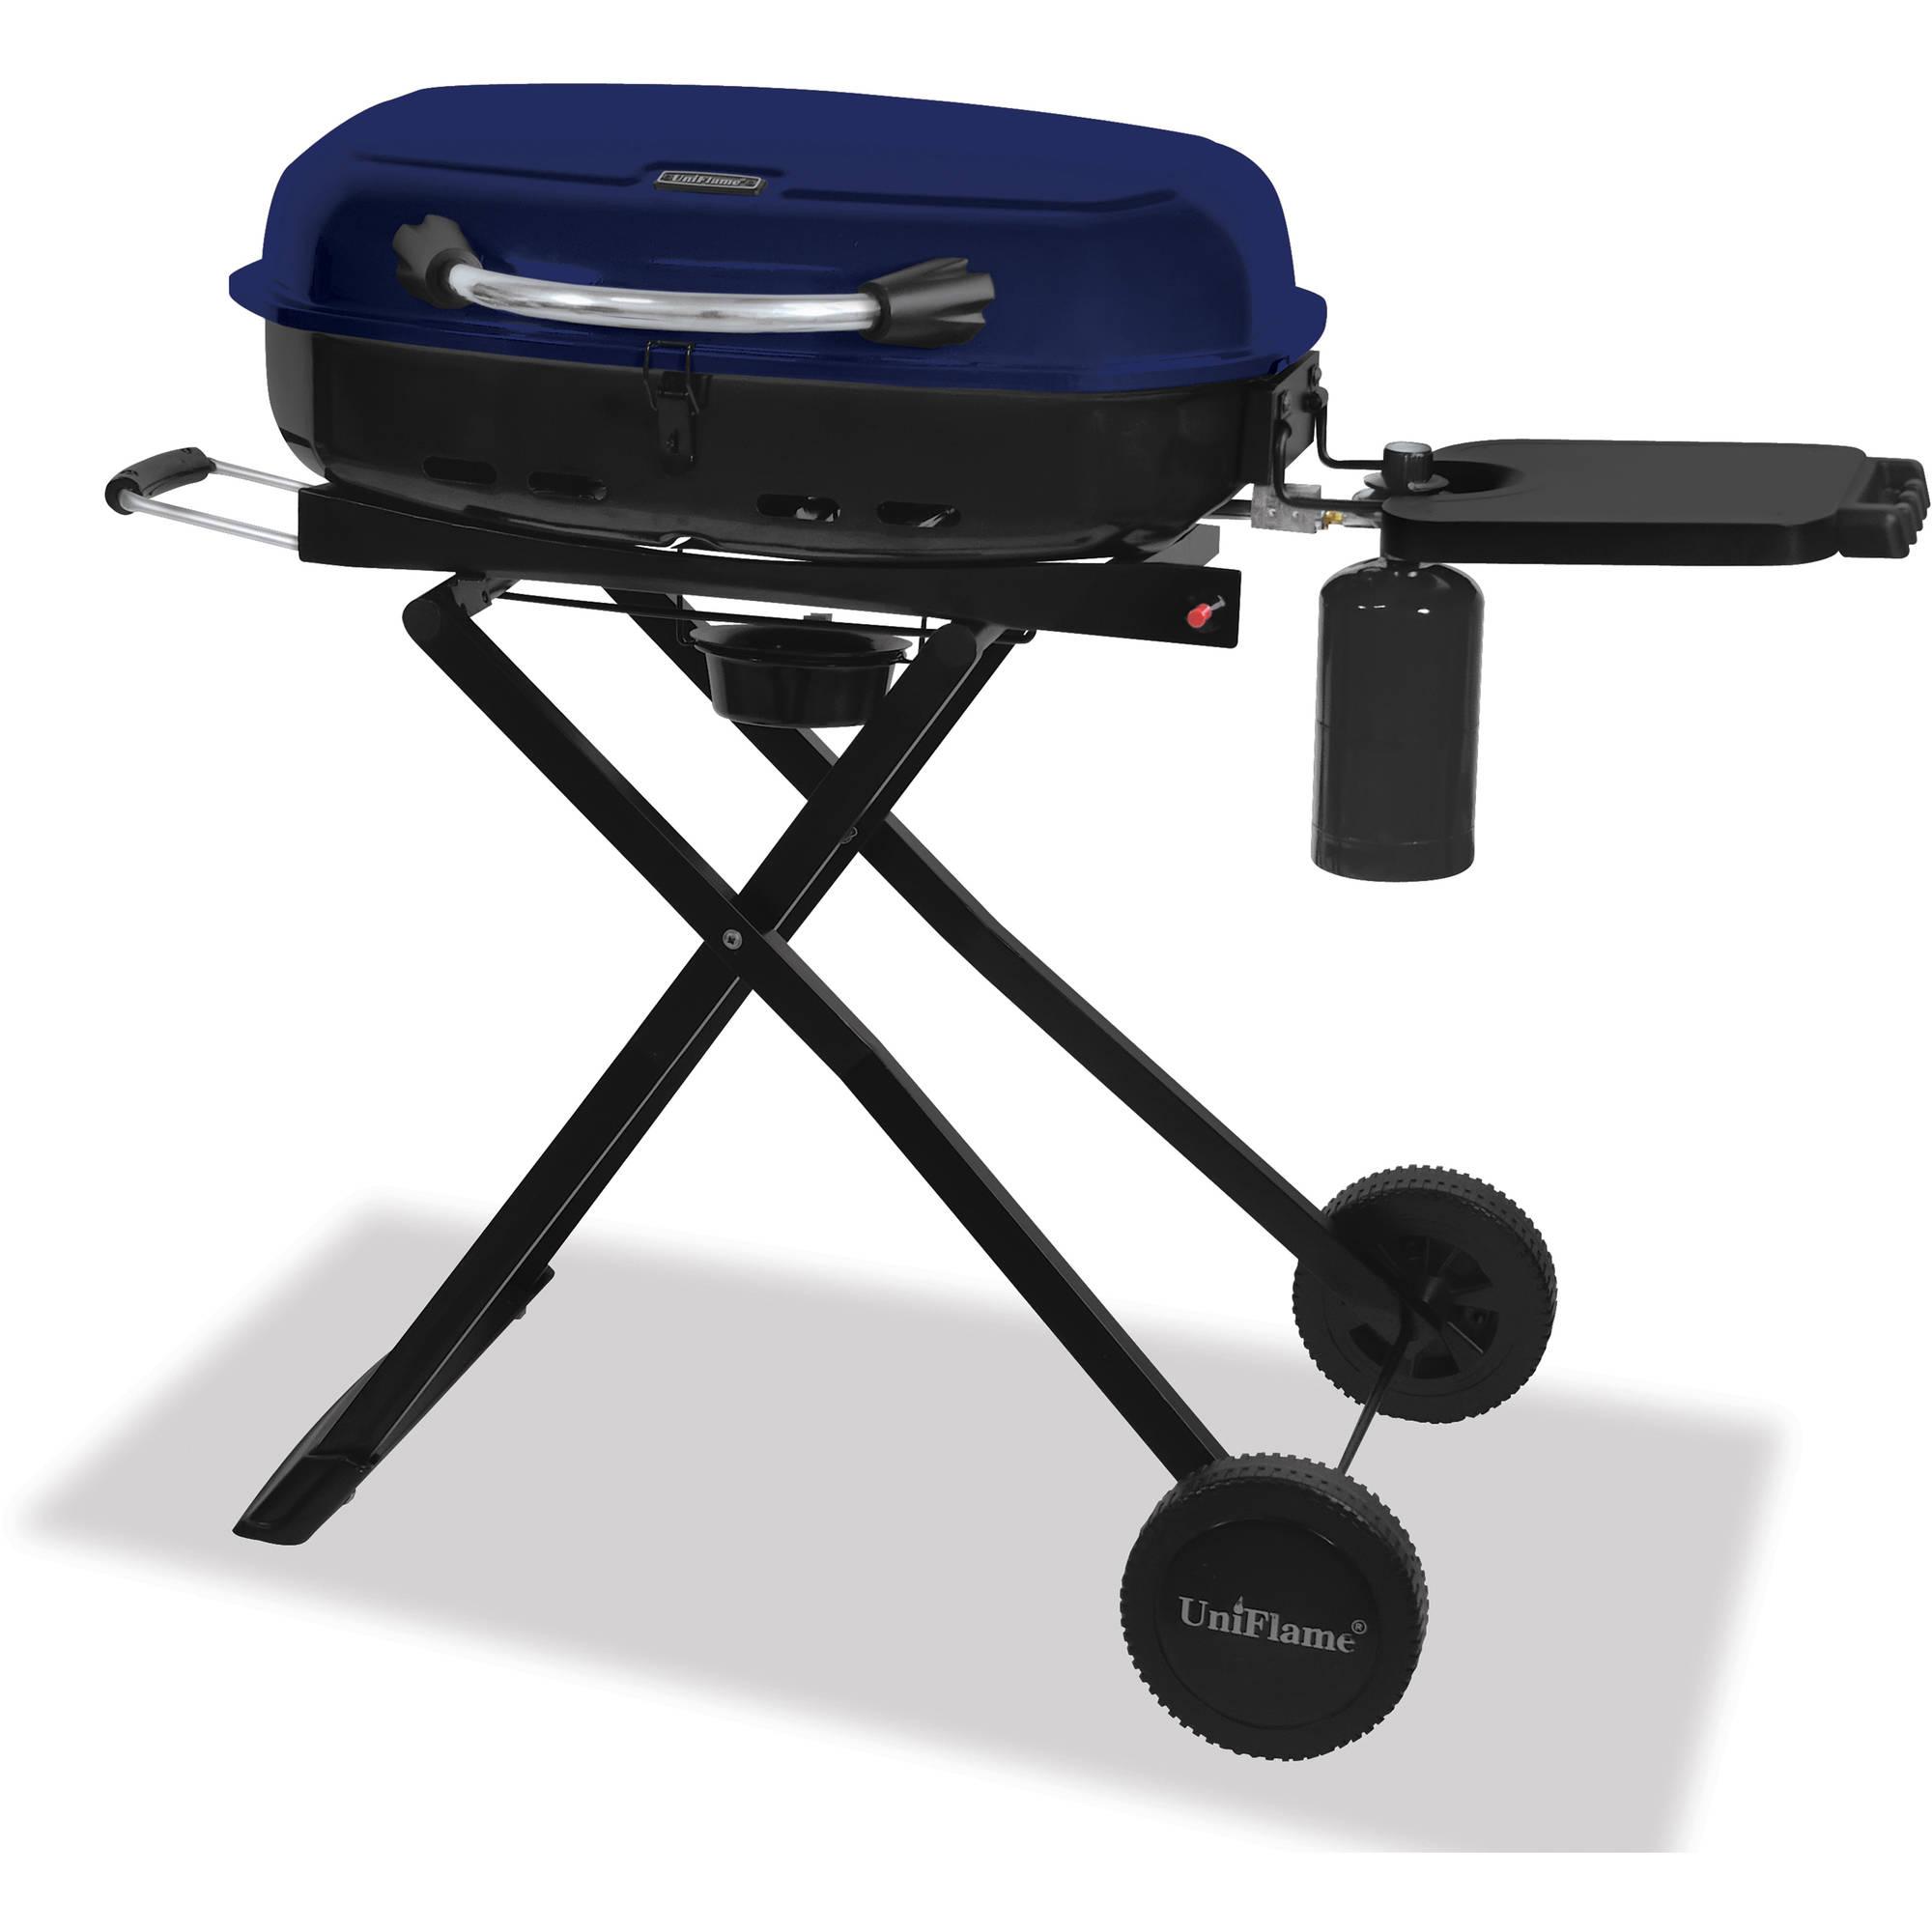 Uniflame Portable LP Gas Grill